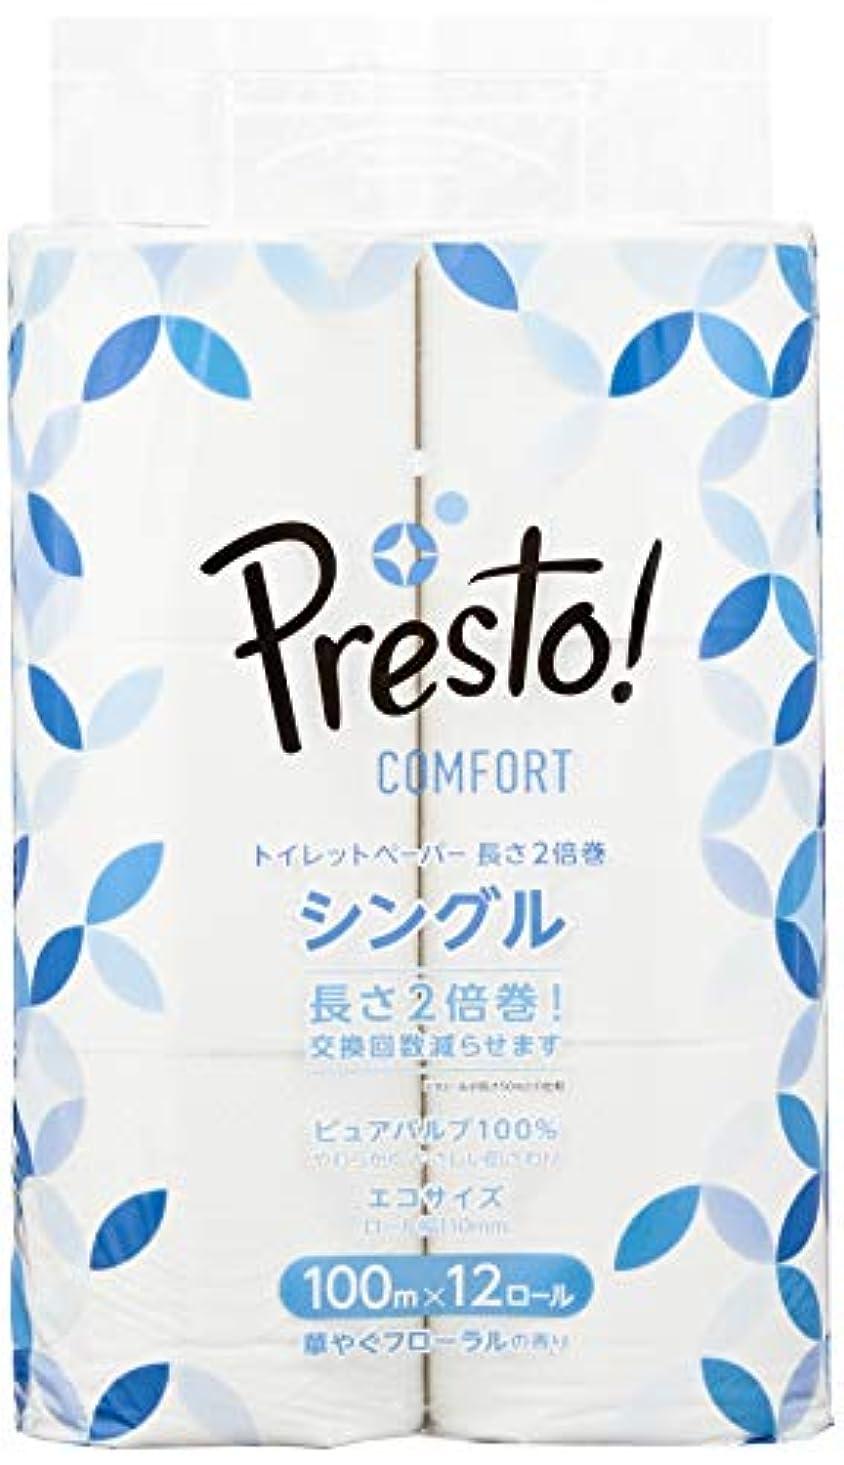 発掘するすることになっているキャビン[Amazonブランド]Presto! Comfort トイレットペーパー 長さ2倍巻 100m x 12ロール シングル (12ロールで24ロール分)